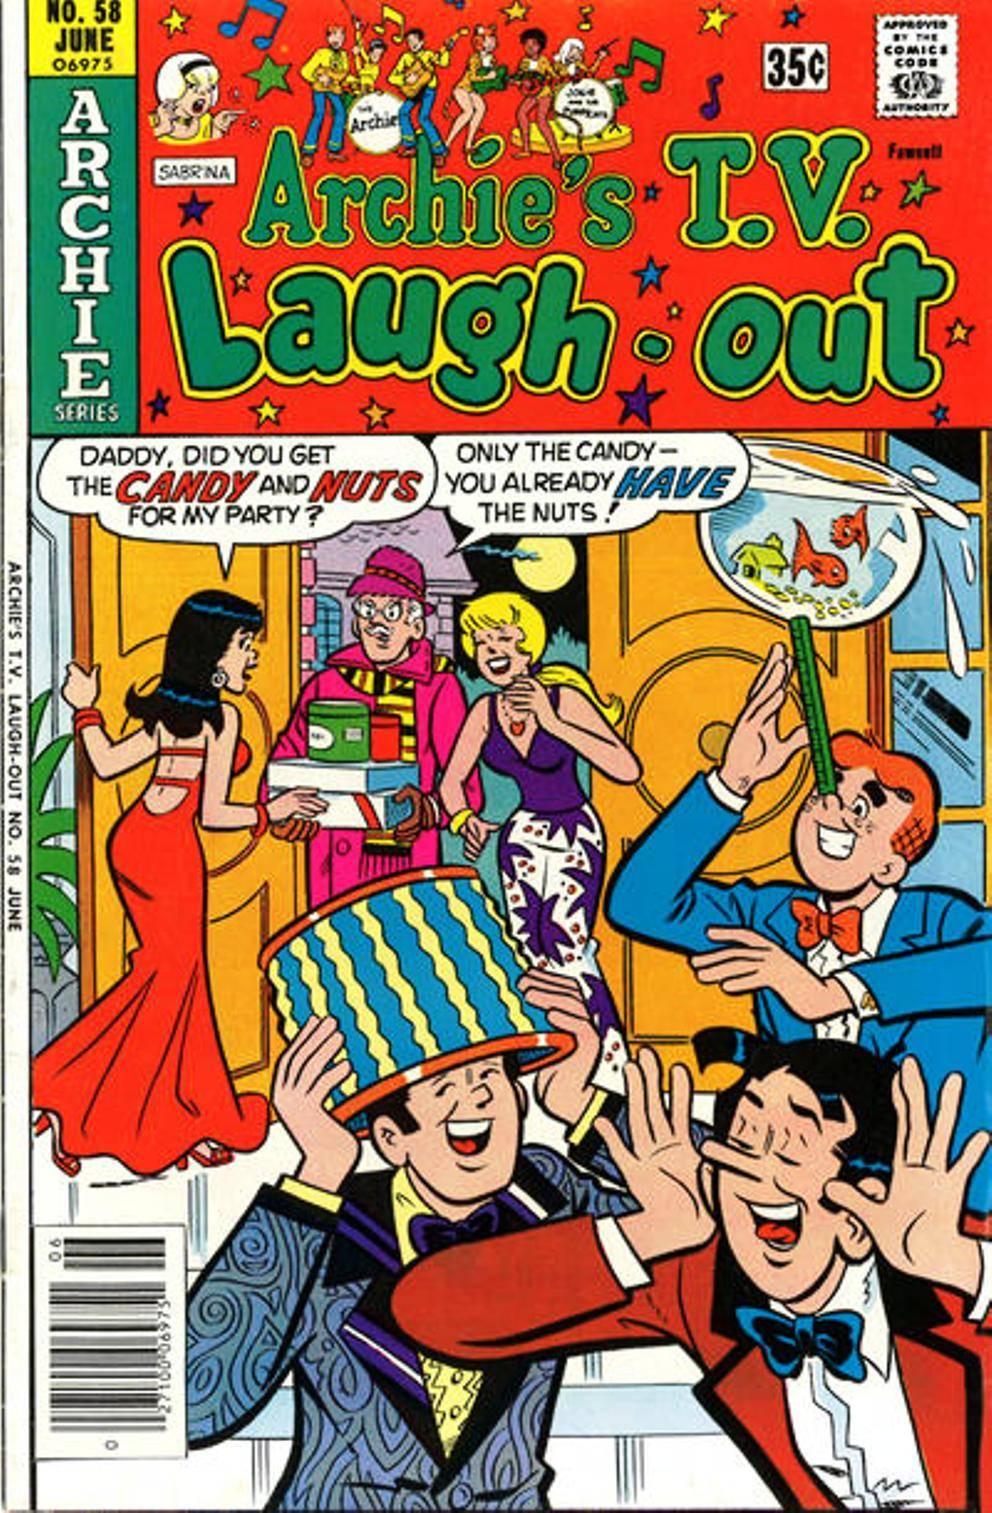 Archies.TV.Laugh-Out.058.1978.Archie.c2c.ComicsCastle